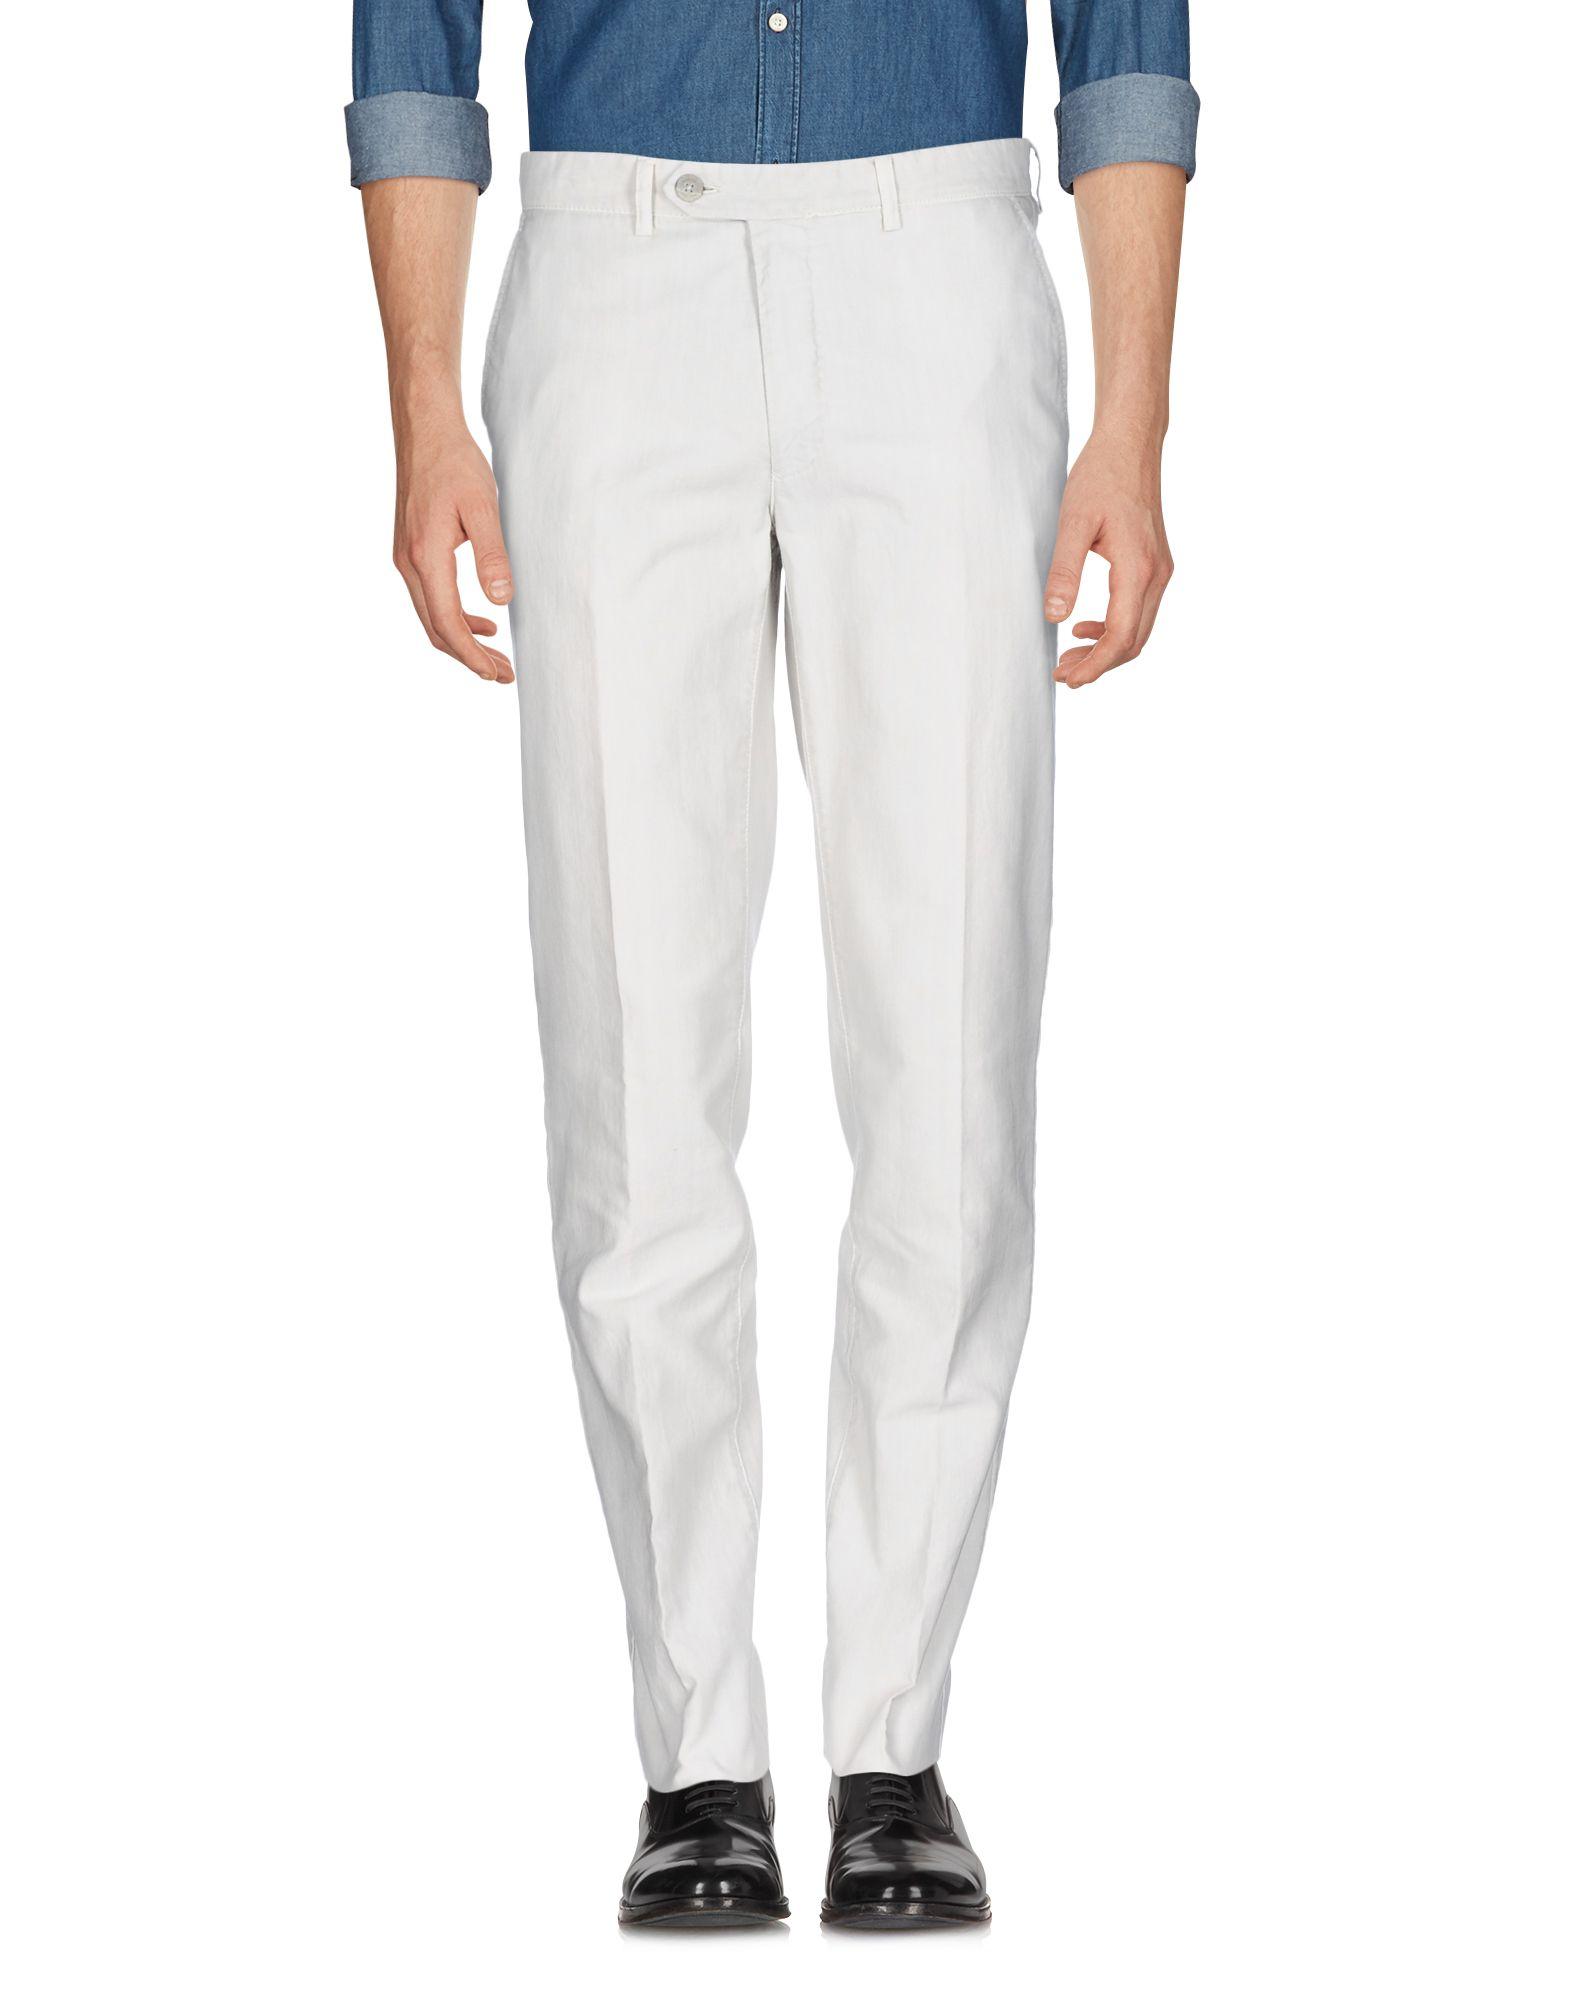 《送料無料》GANT メンズ パンツ ライトグレー 46 100% コットン